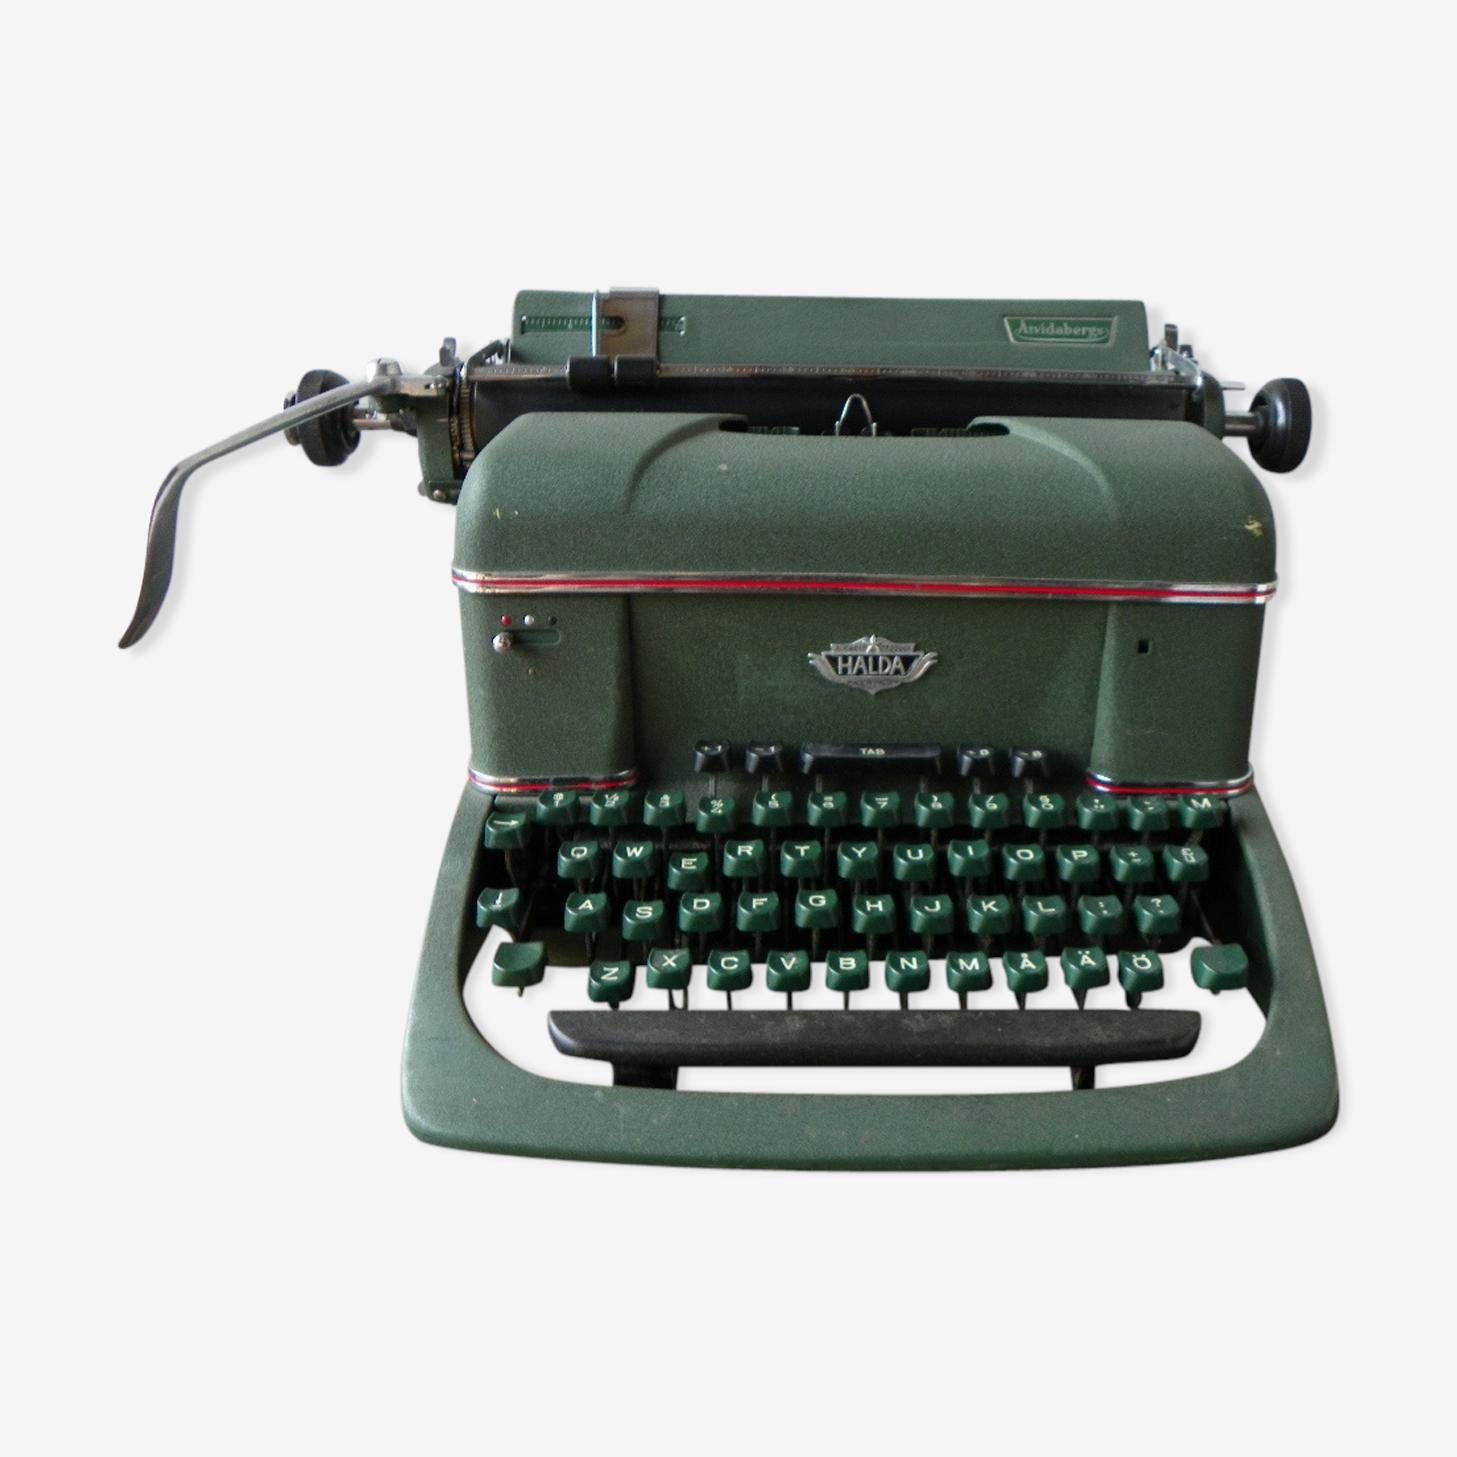 Typewriter Halda, 1955